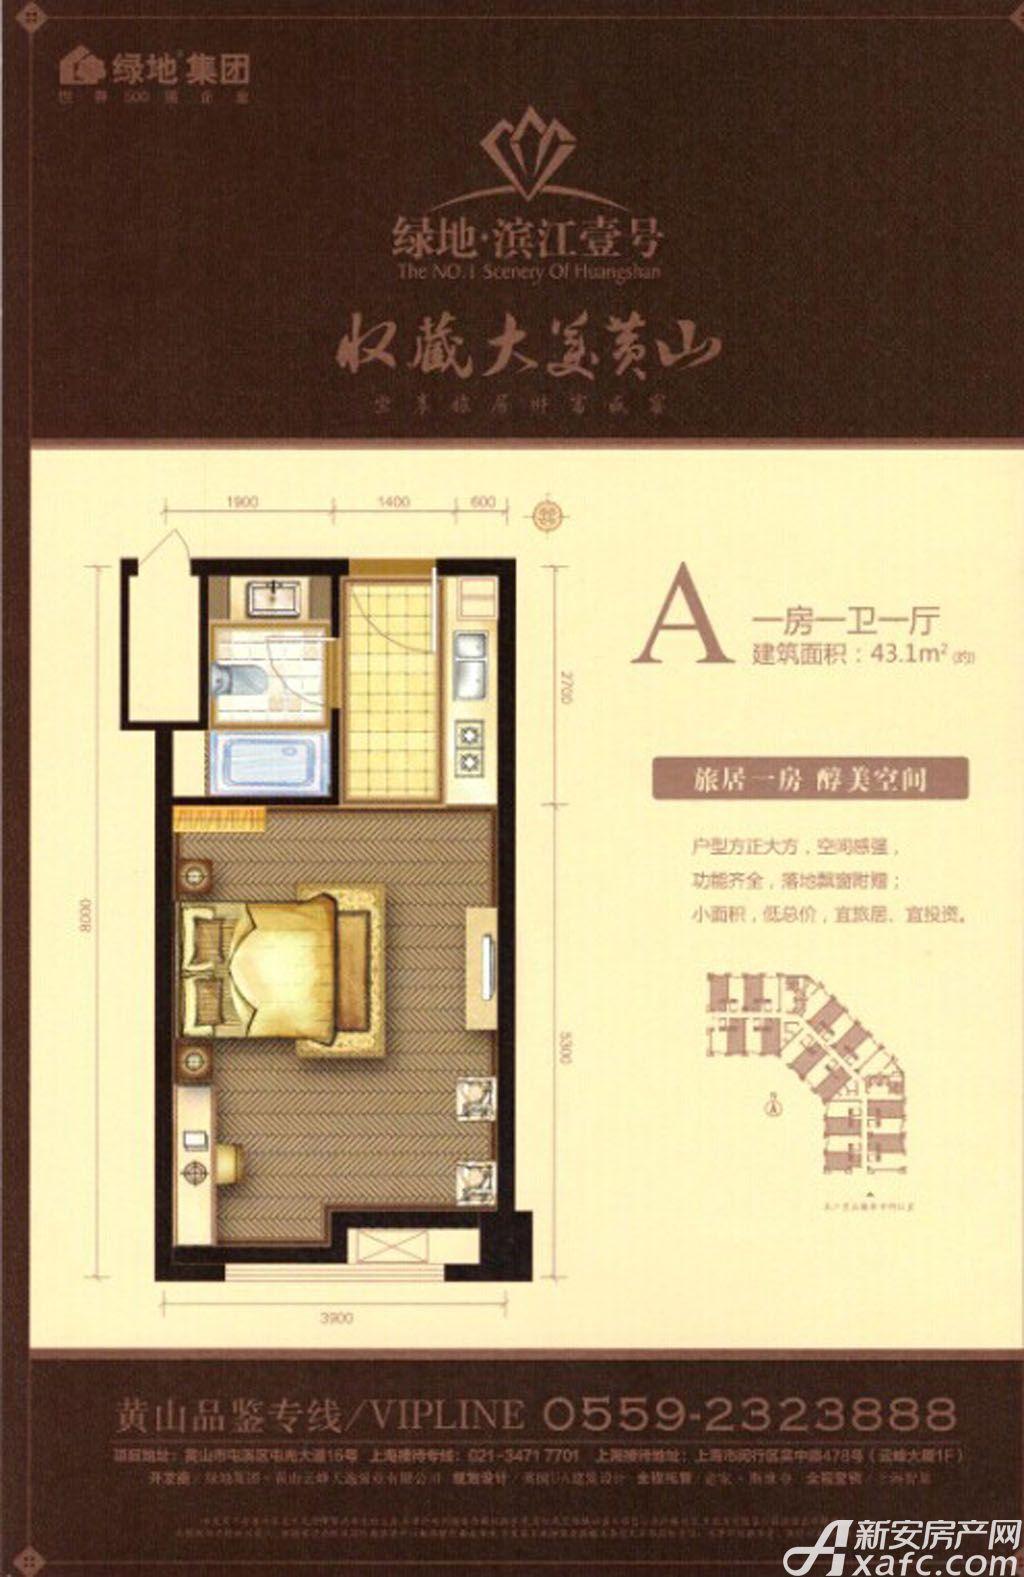 绿地滨江壹号A1室1厅43.1平米